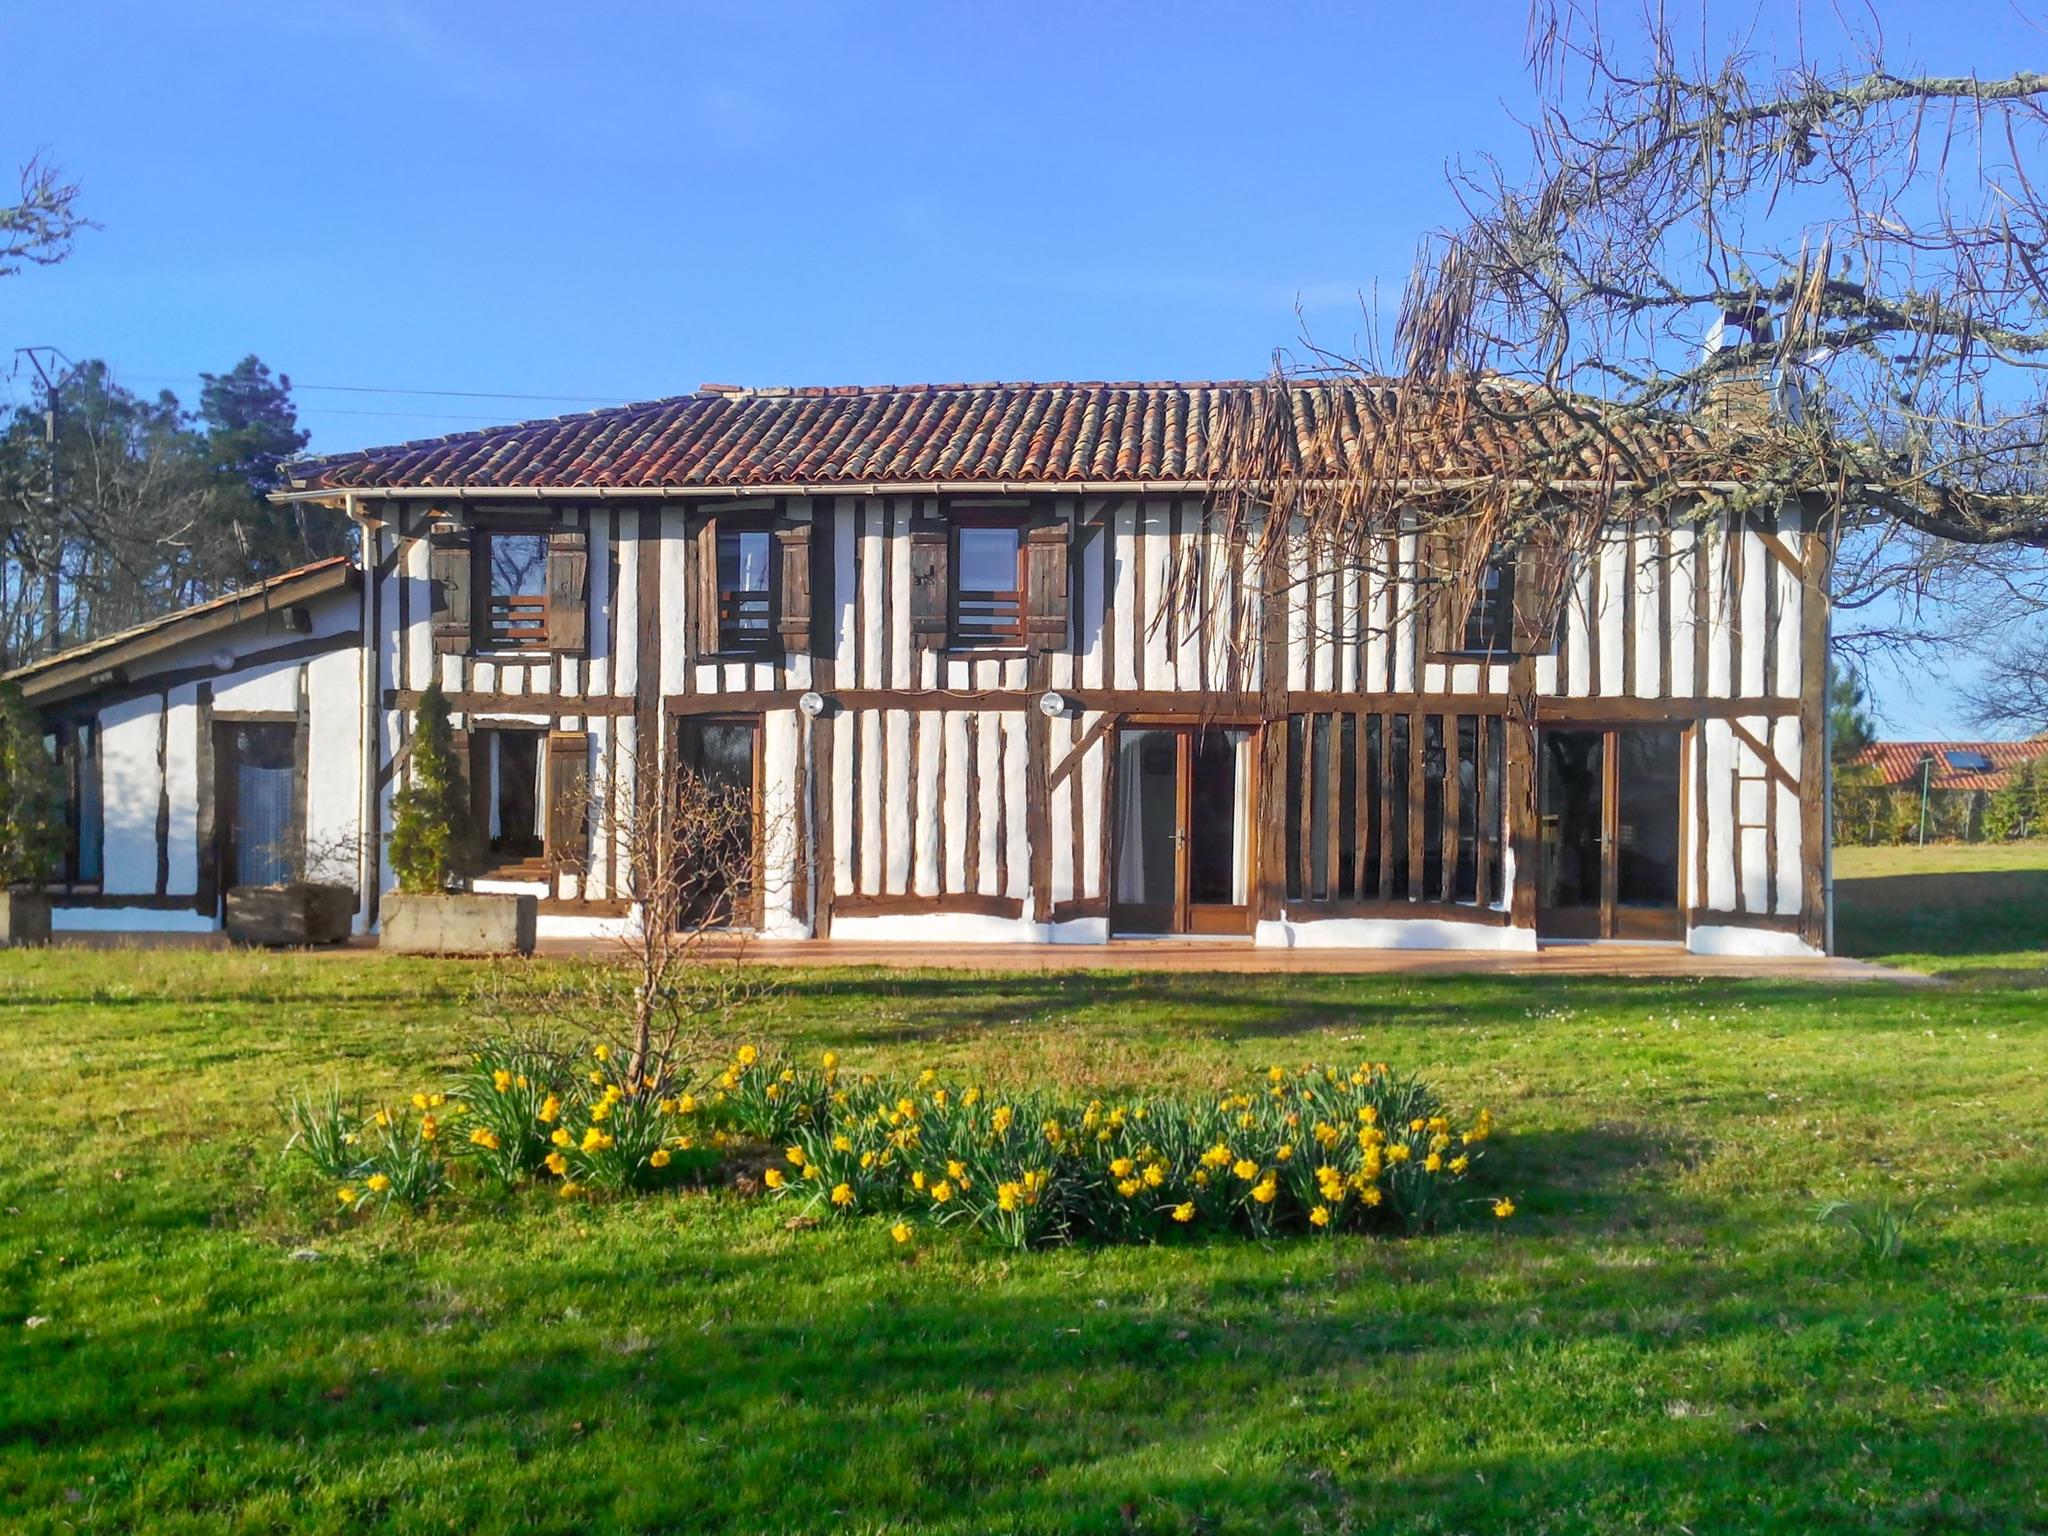 Ferienhaus Villa mit 4 Zimmern in Trensacq mit privatem Pool und möbliertem Garten - 45 km vom Strand (2202366), Trensacq, Landes, Aquitanien, Frankreich, Bild 3